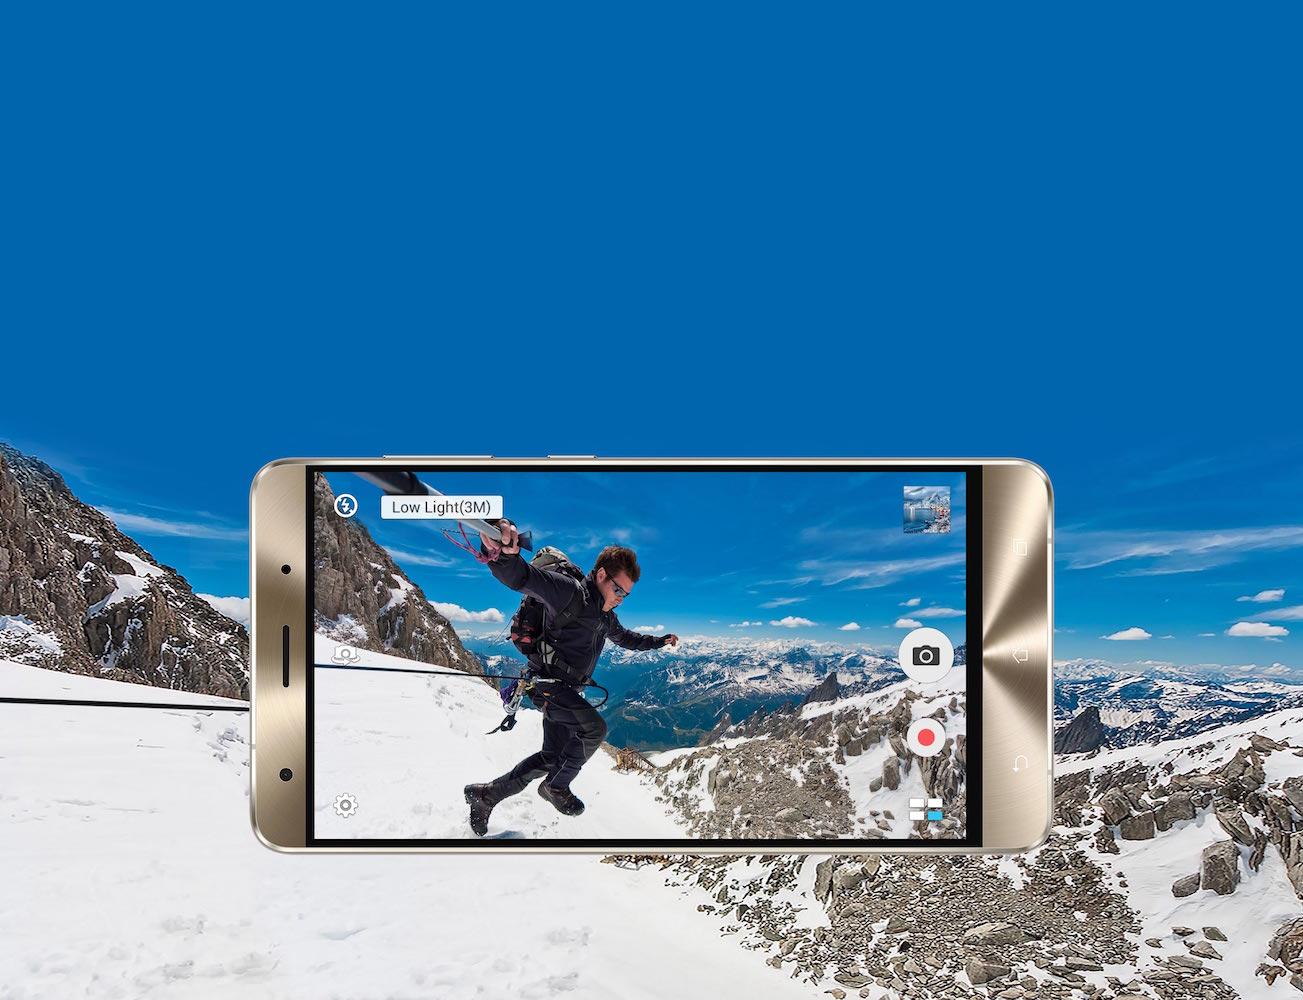 ASUS ZenFone 3 Deluxe Smartphone 01 - ASUS Zenfone 3 Deluxe Smartphone Deals